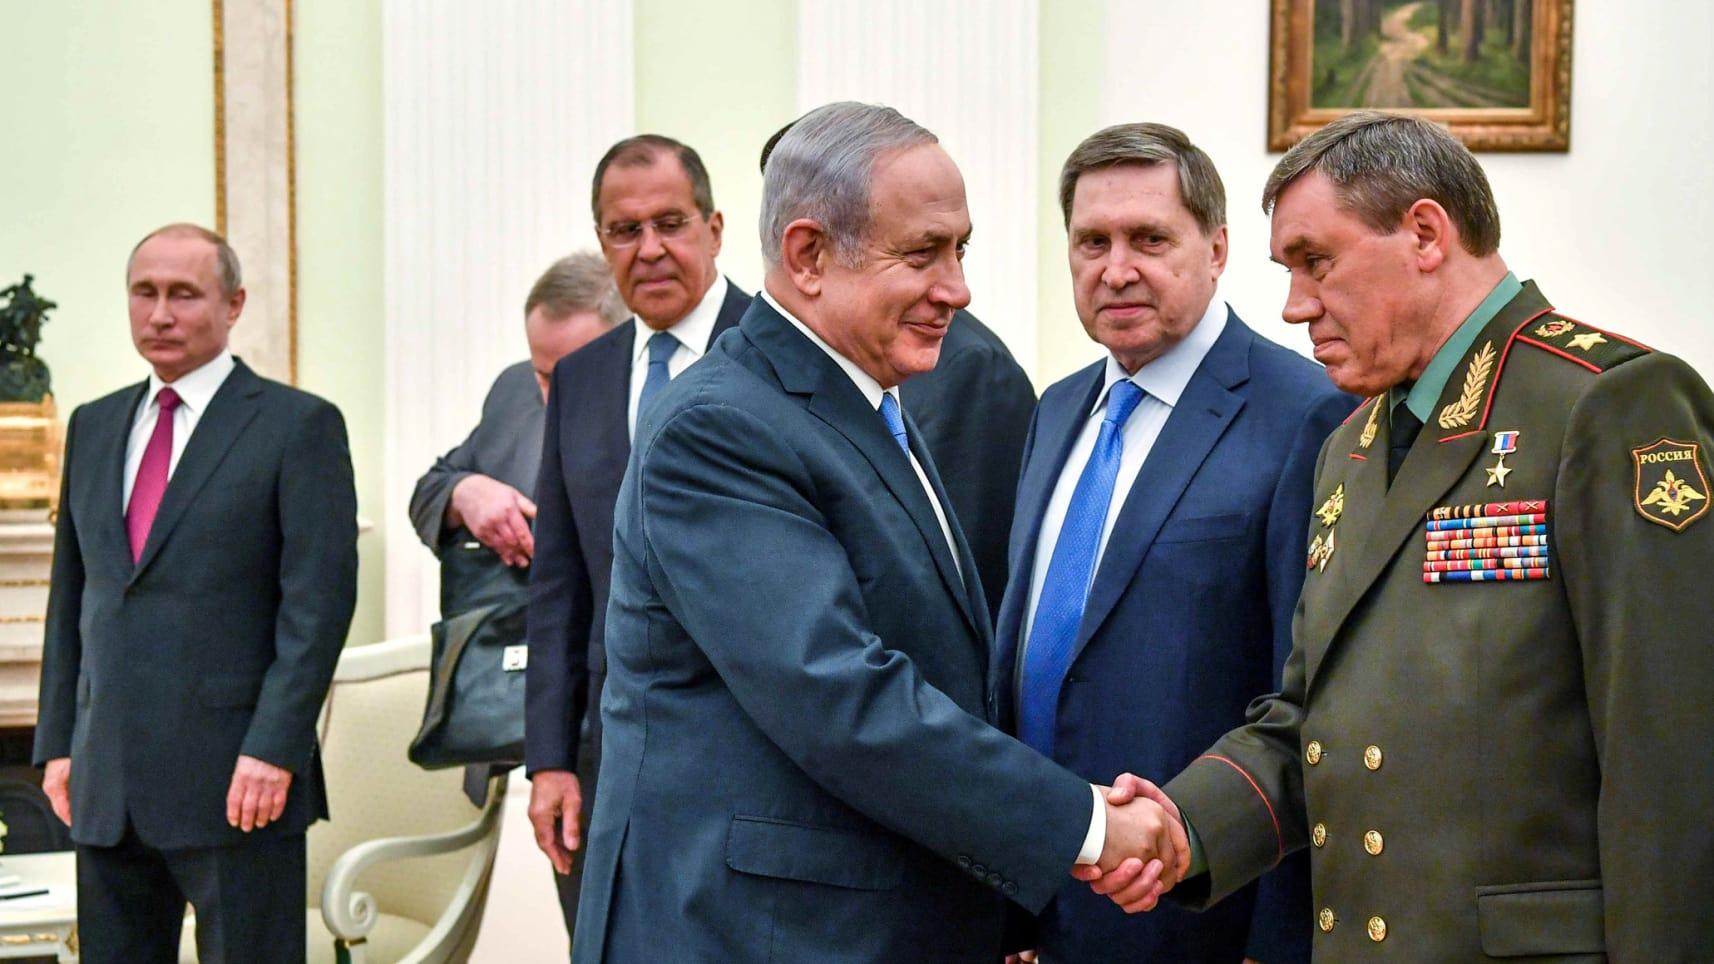 Il premier israeliano Netanyahu incontro la delegazione russa ieri. (Foto: Reuters)